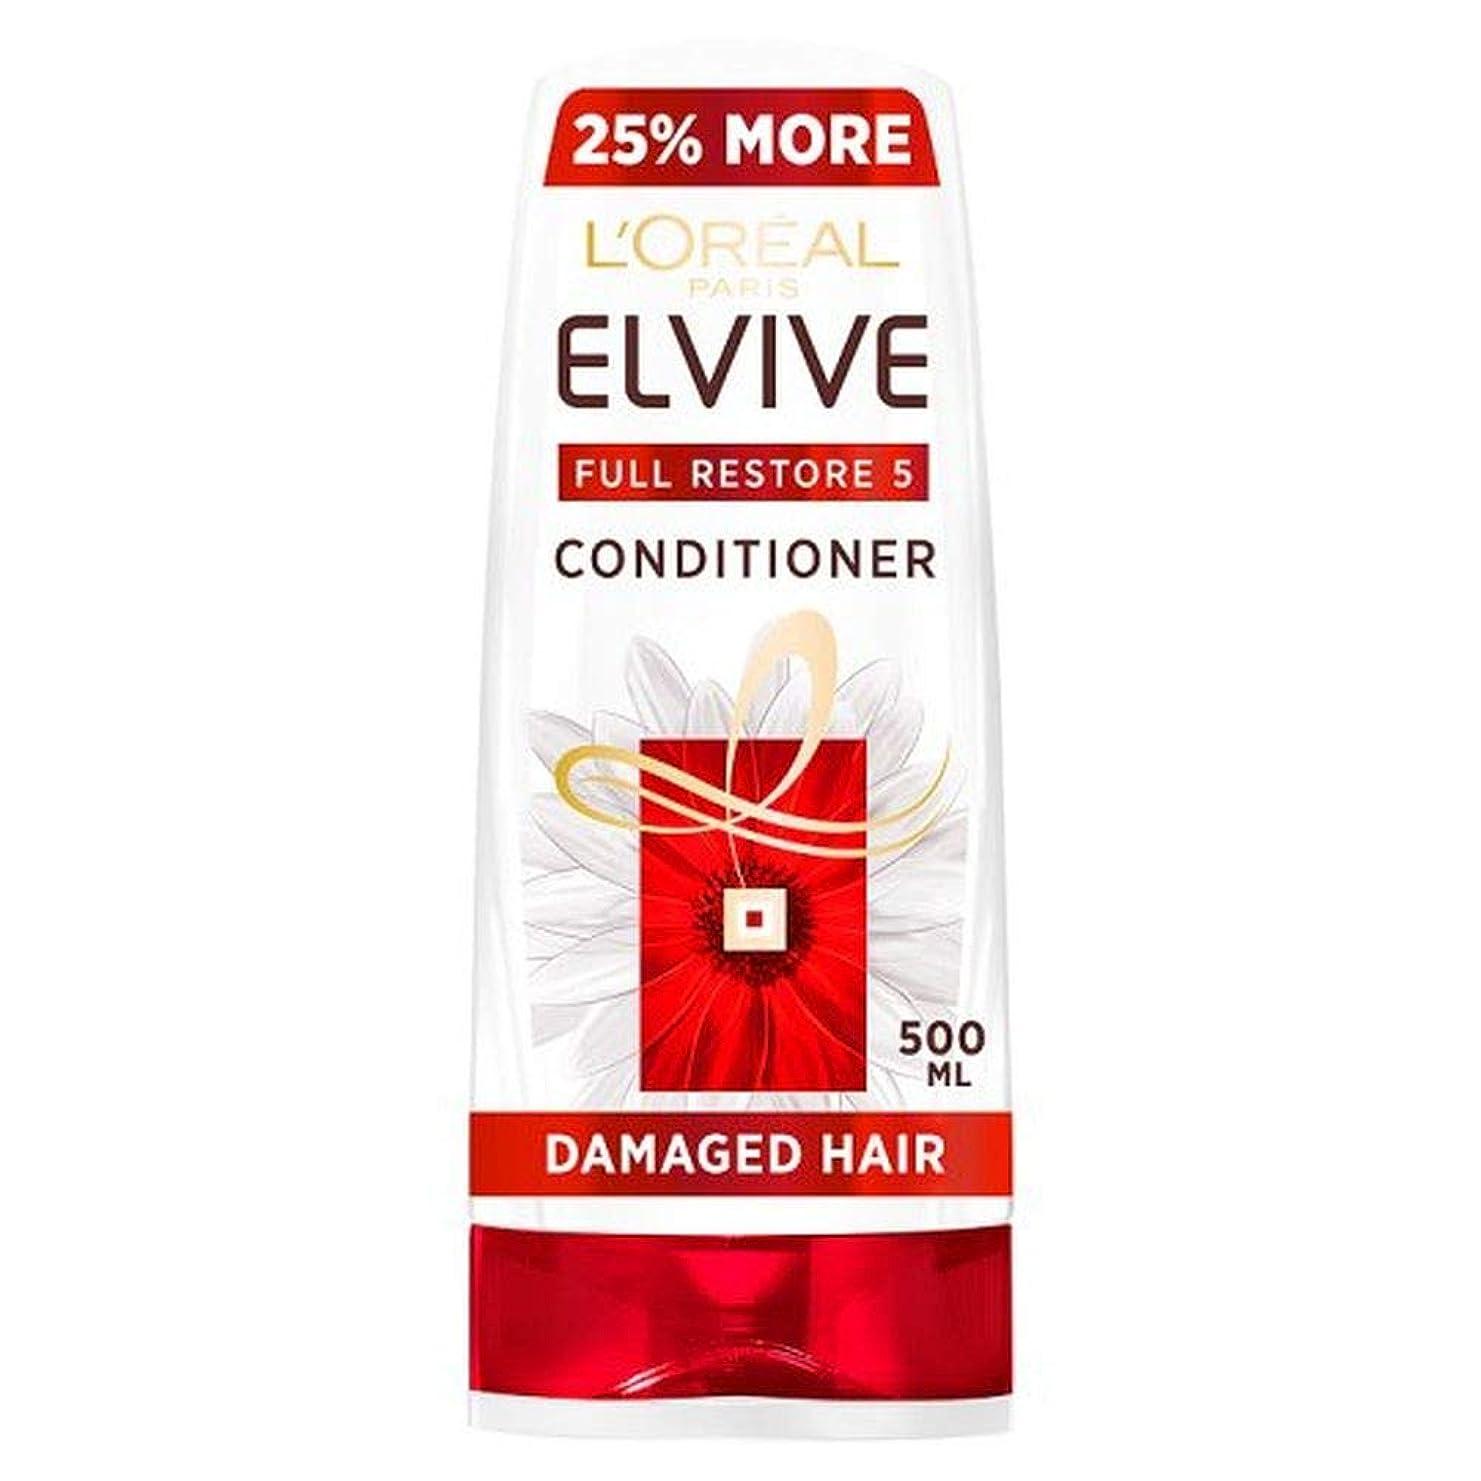 機知に富んだベリずんぐりした[Elvive] ロレアルElvive極度のダメージヘアコンディショナー500ミリリットル - L'oreal Elvive Extreme Damaged Hair Conditioner 500Ml [並行輸入品]